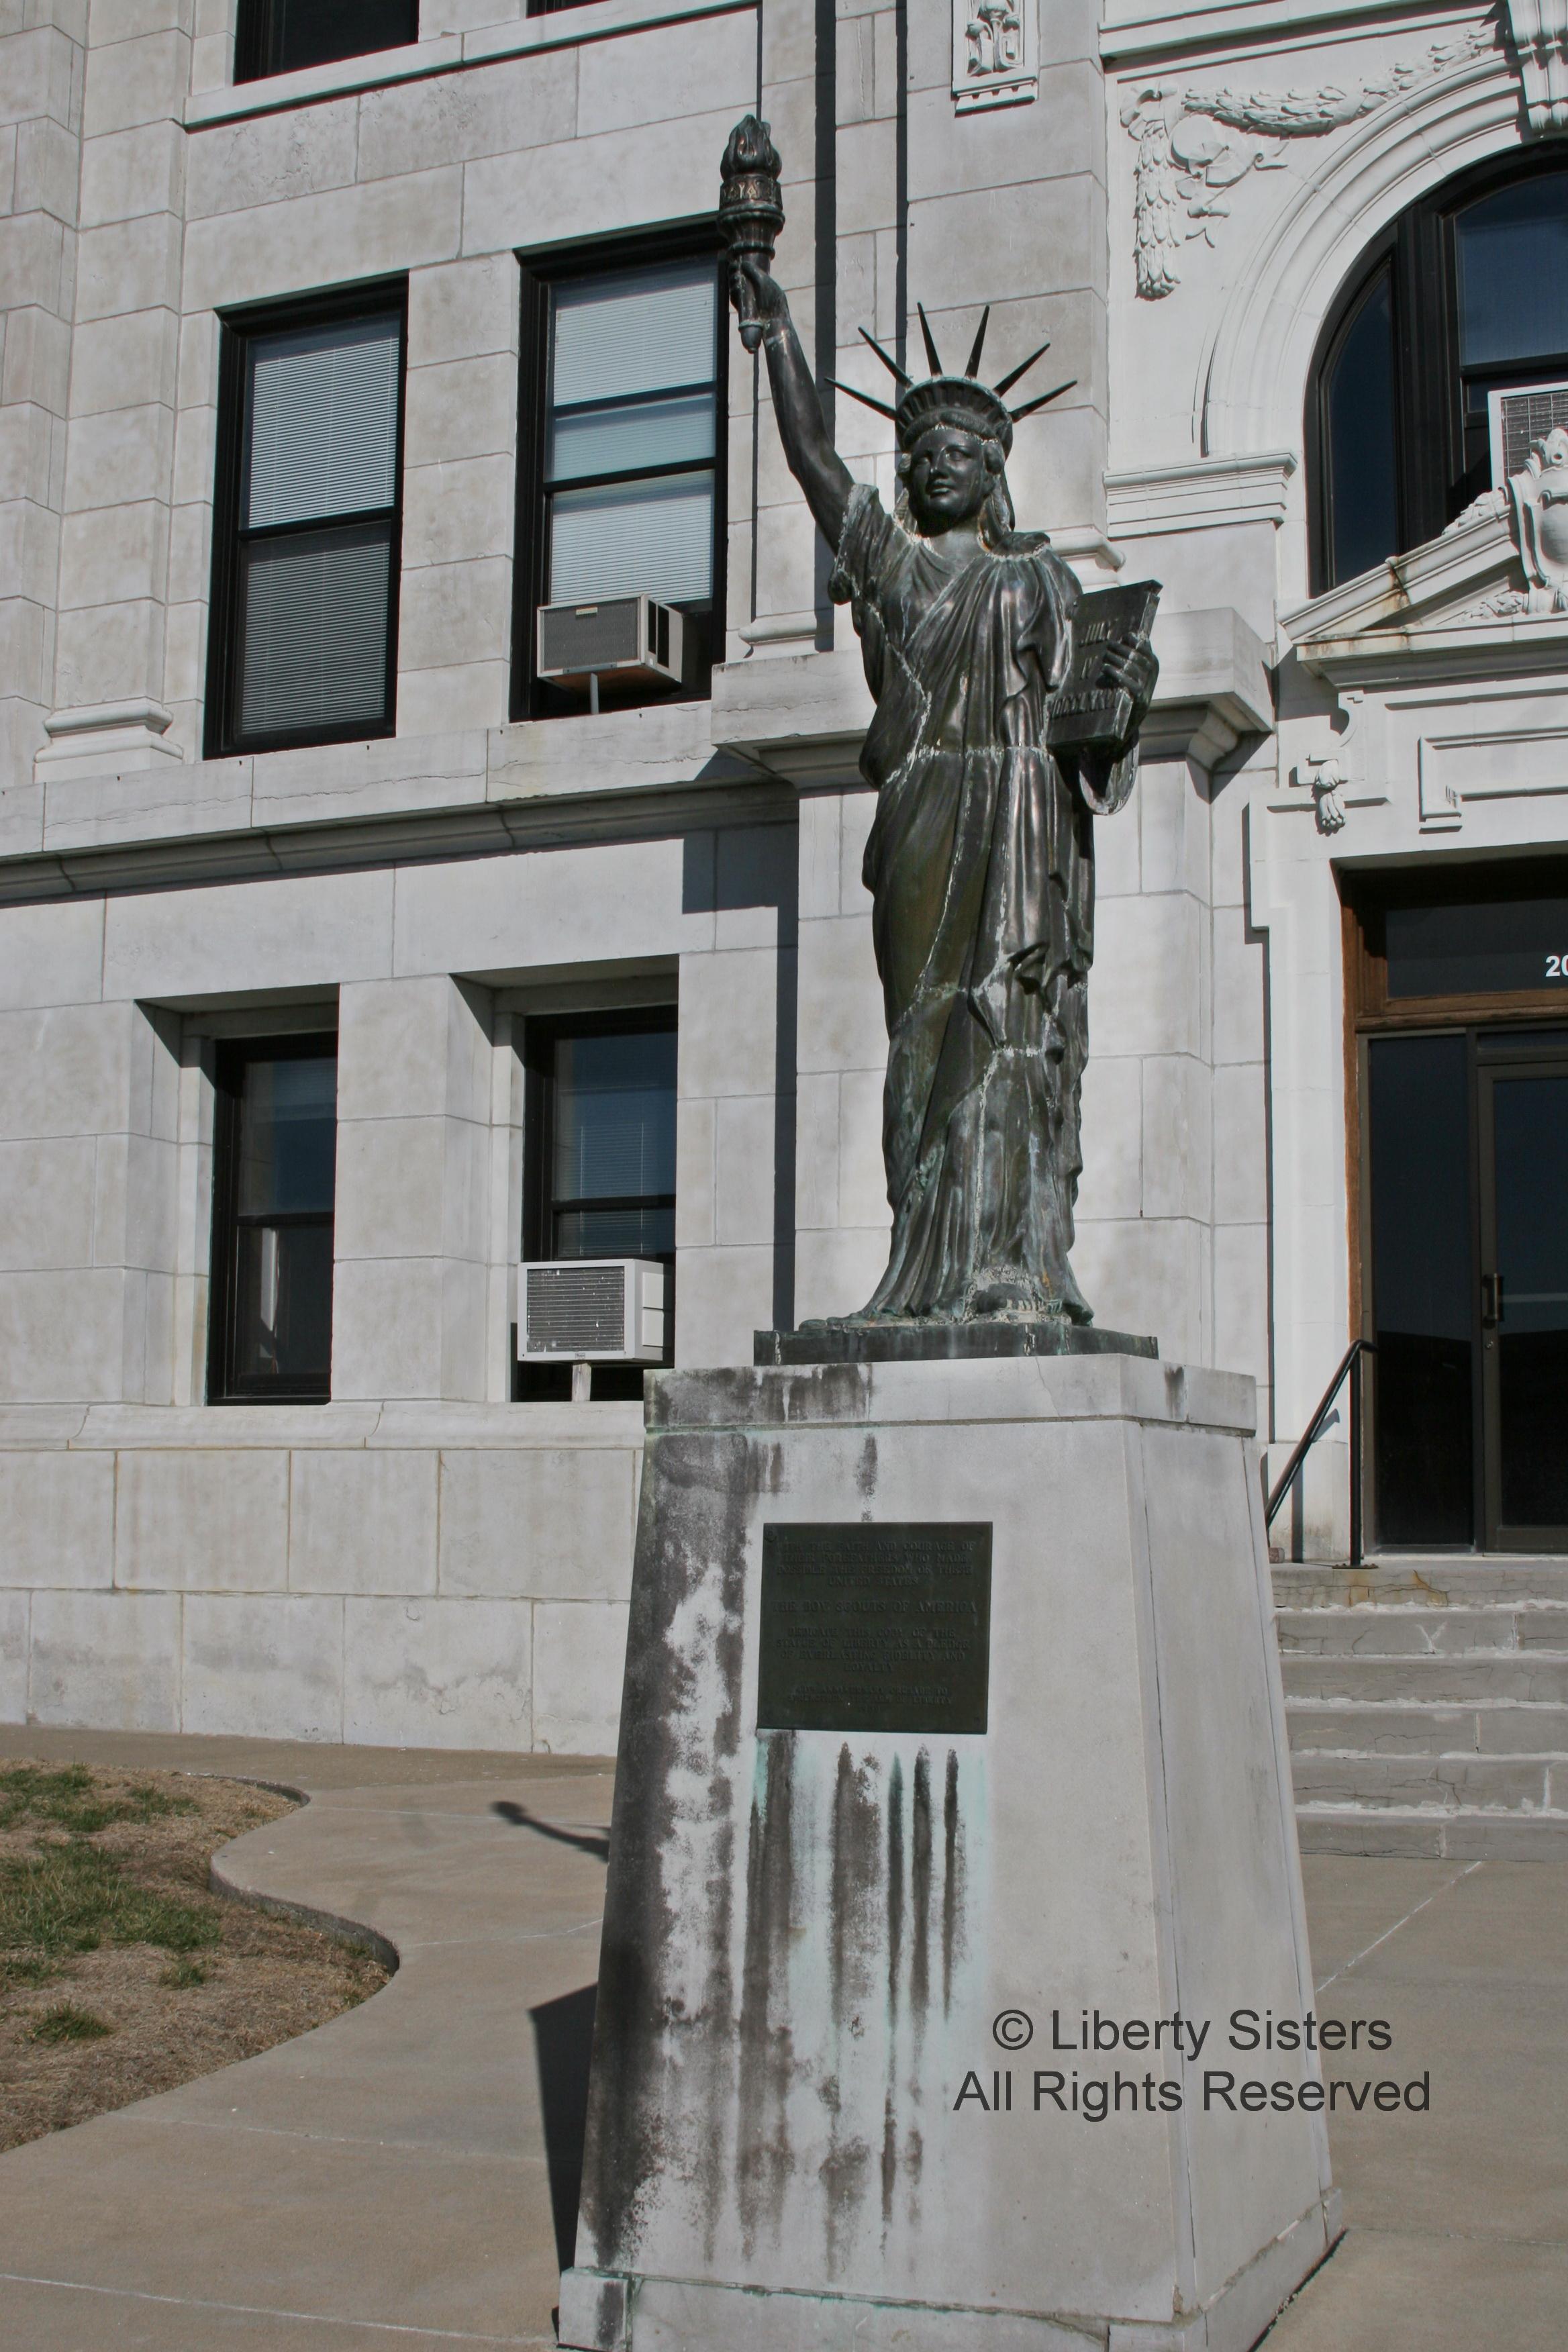 Boonville, Missouri